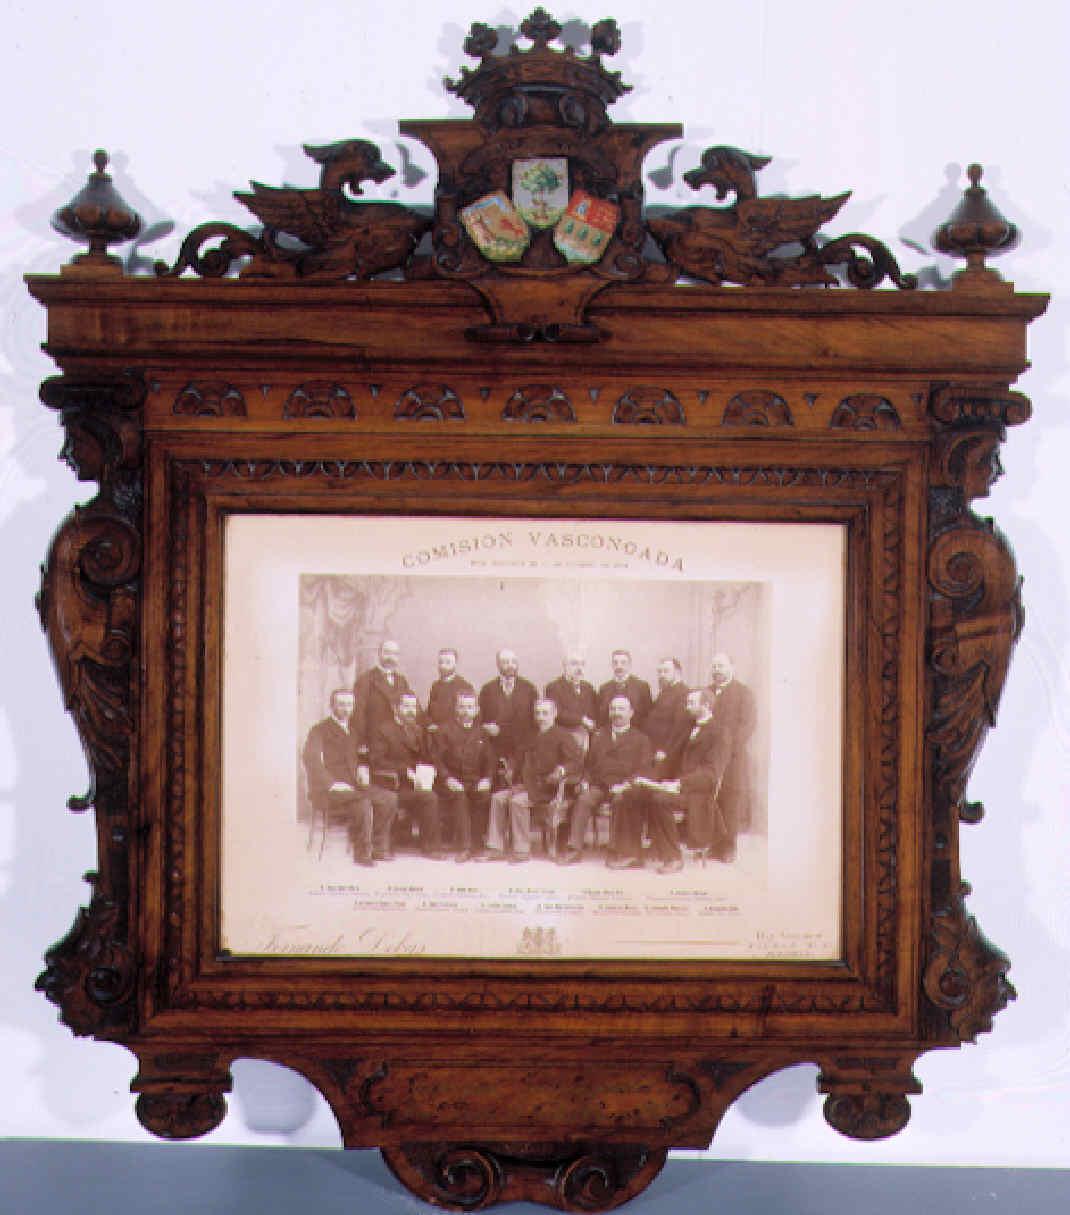 Comisión Vascongada